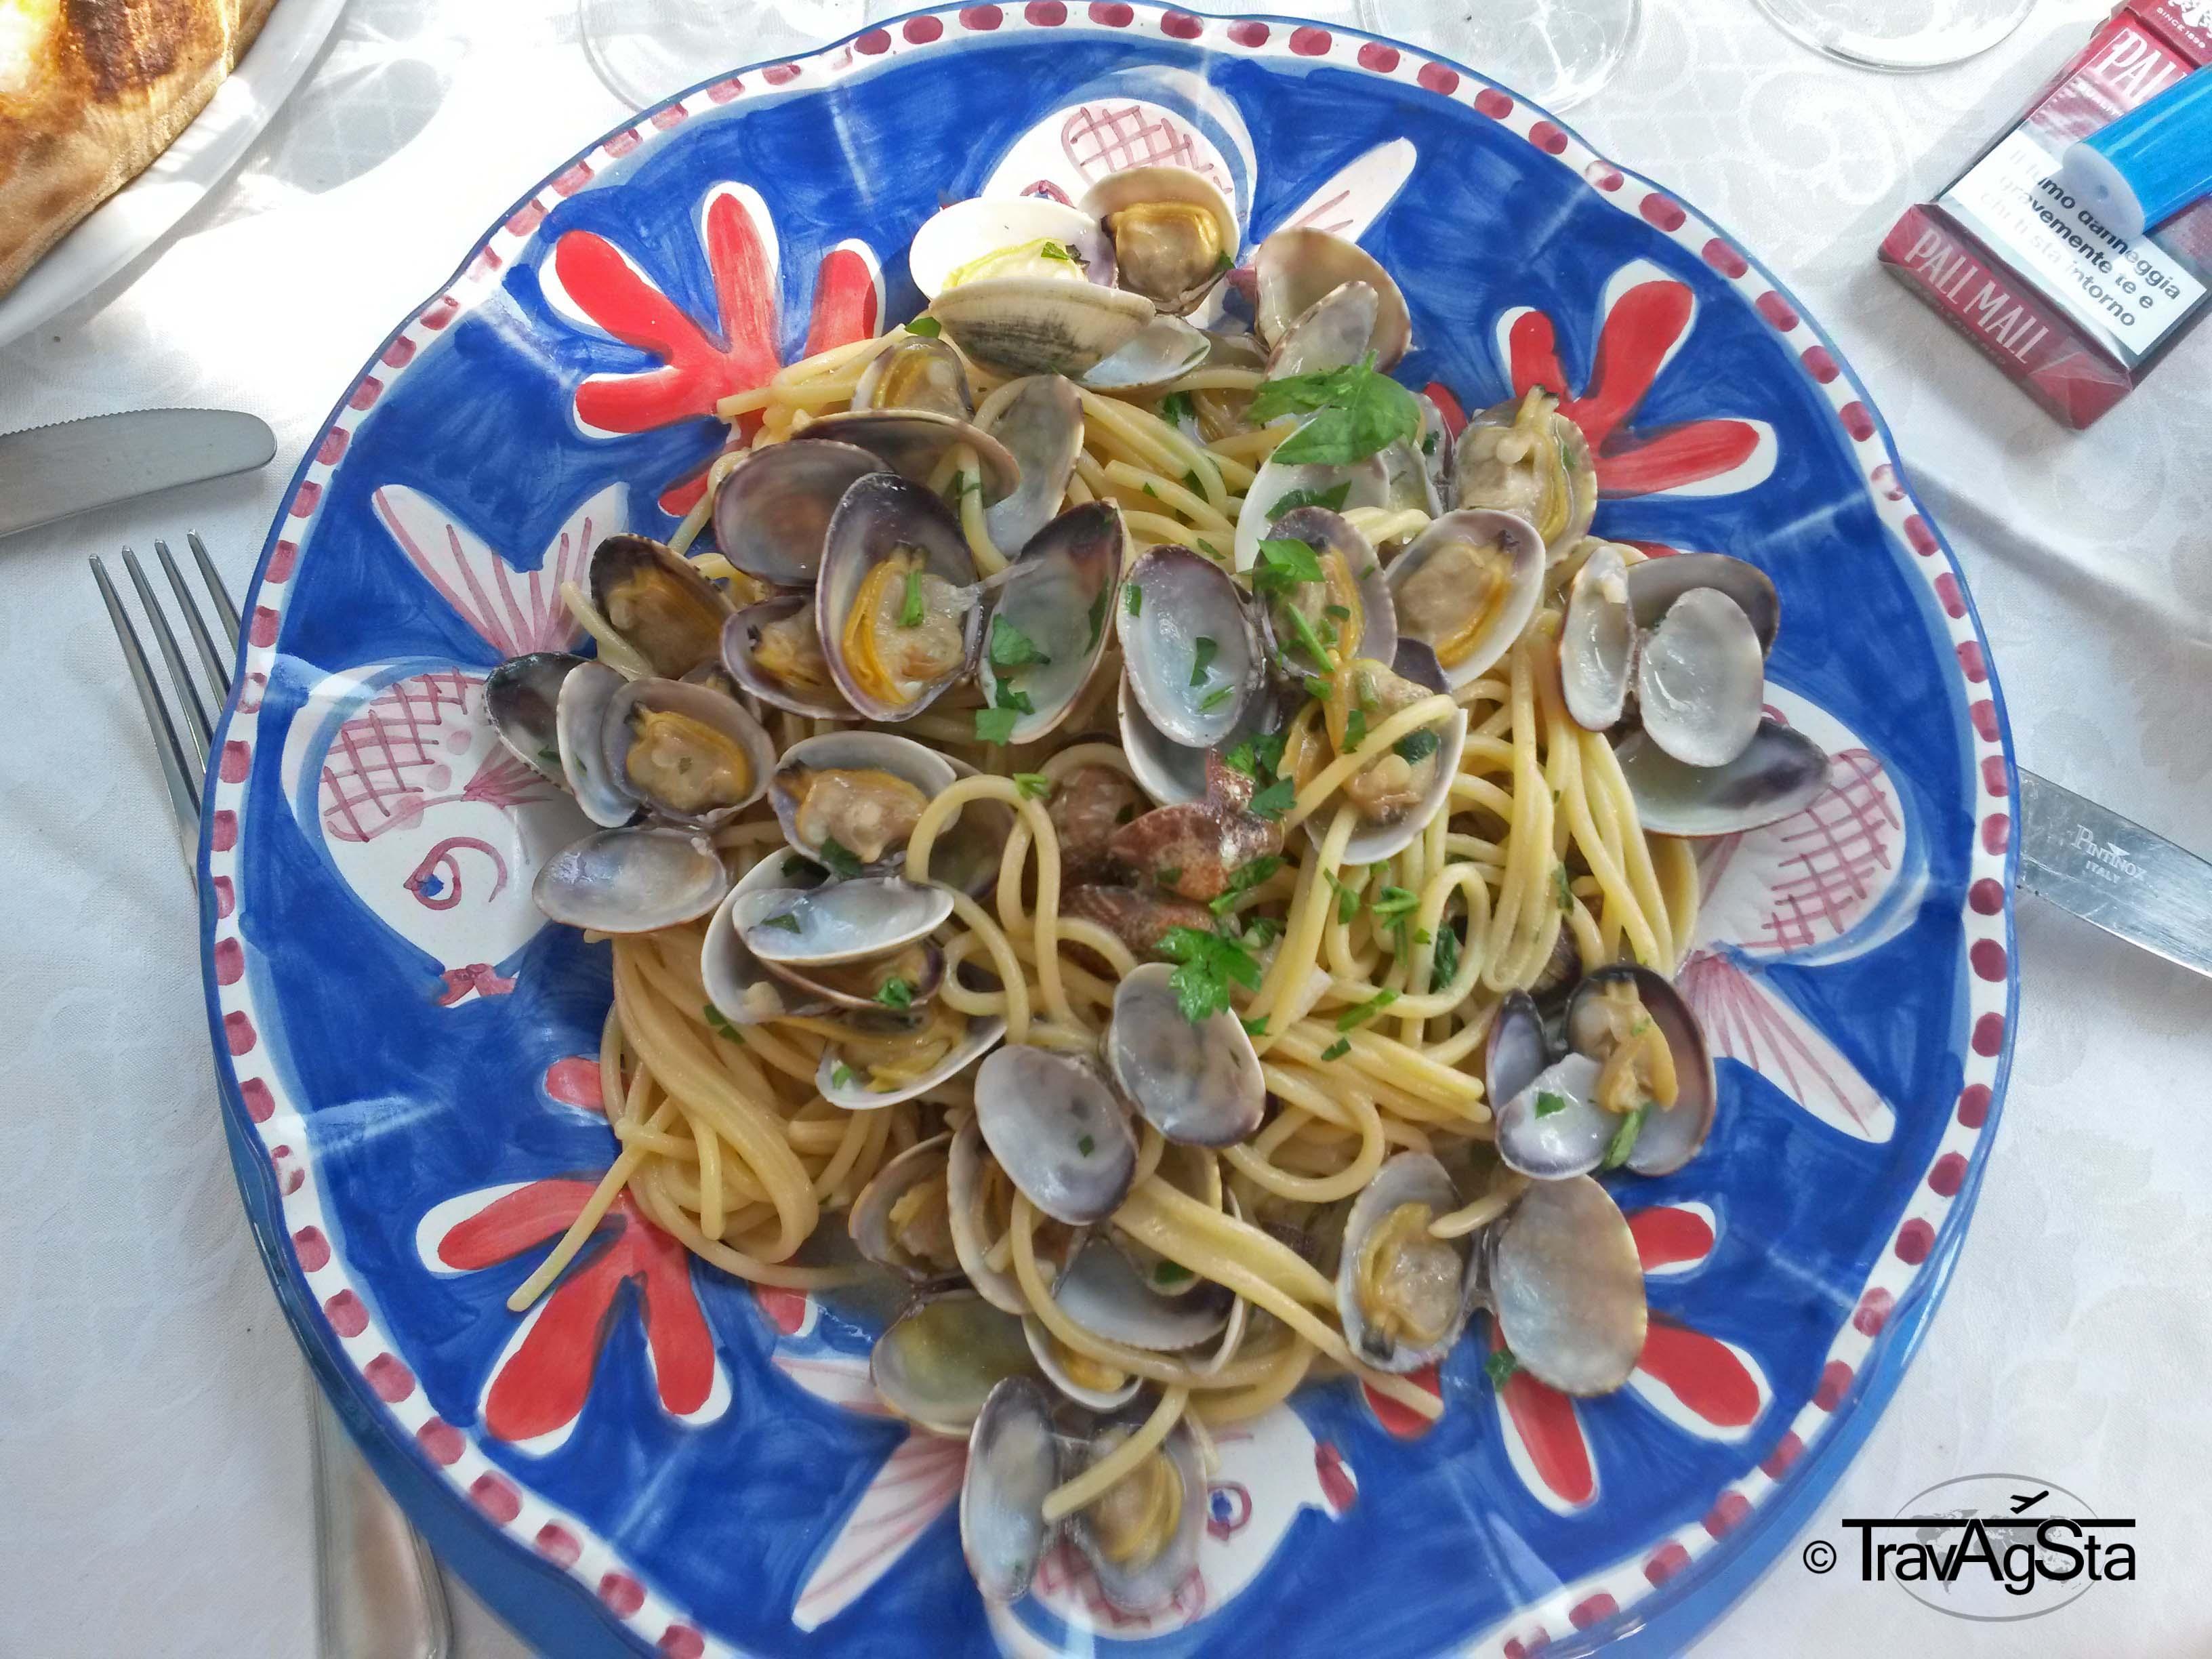 #Eataly-Essen in Italien: Eine Geschichte für sich!